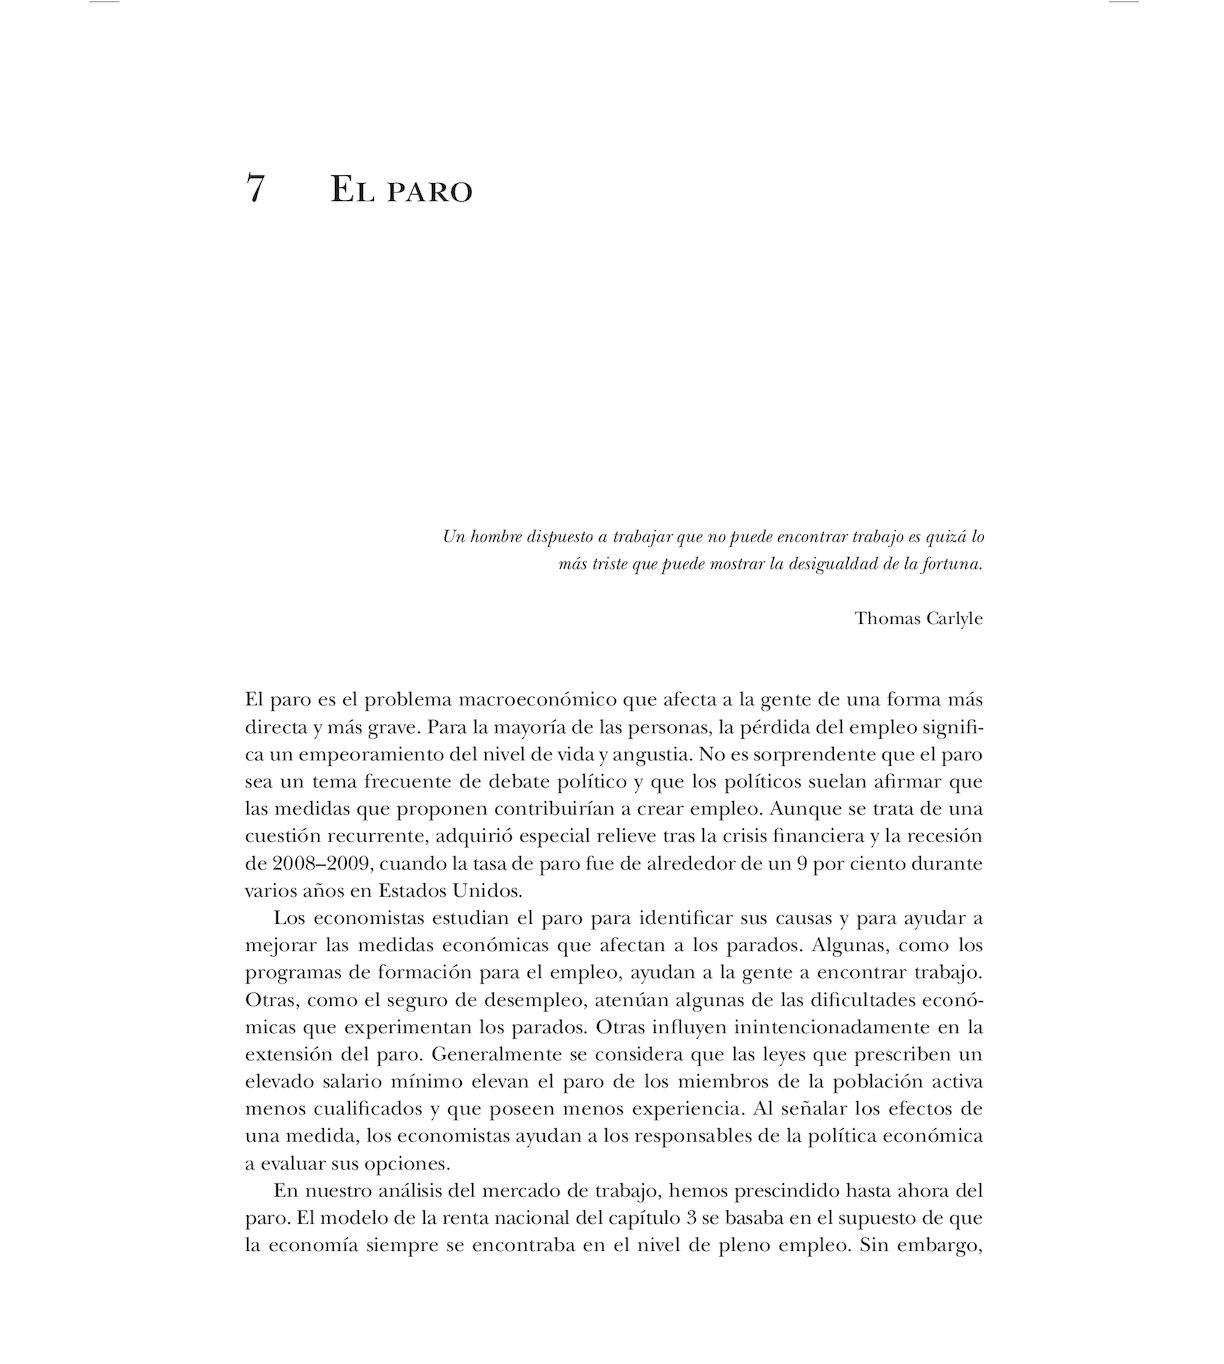 Calaméo - Capitulo 7 El Paro